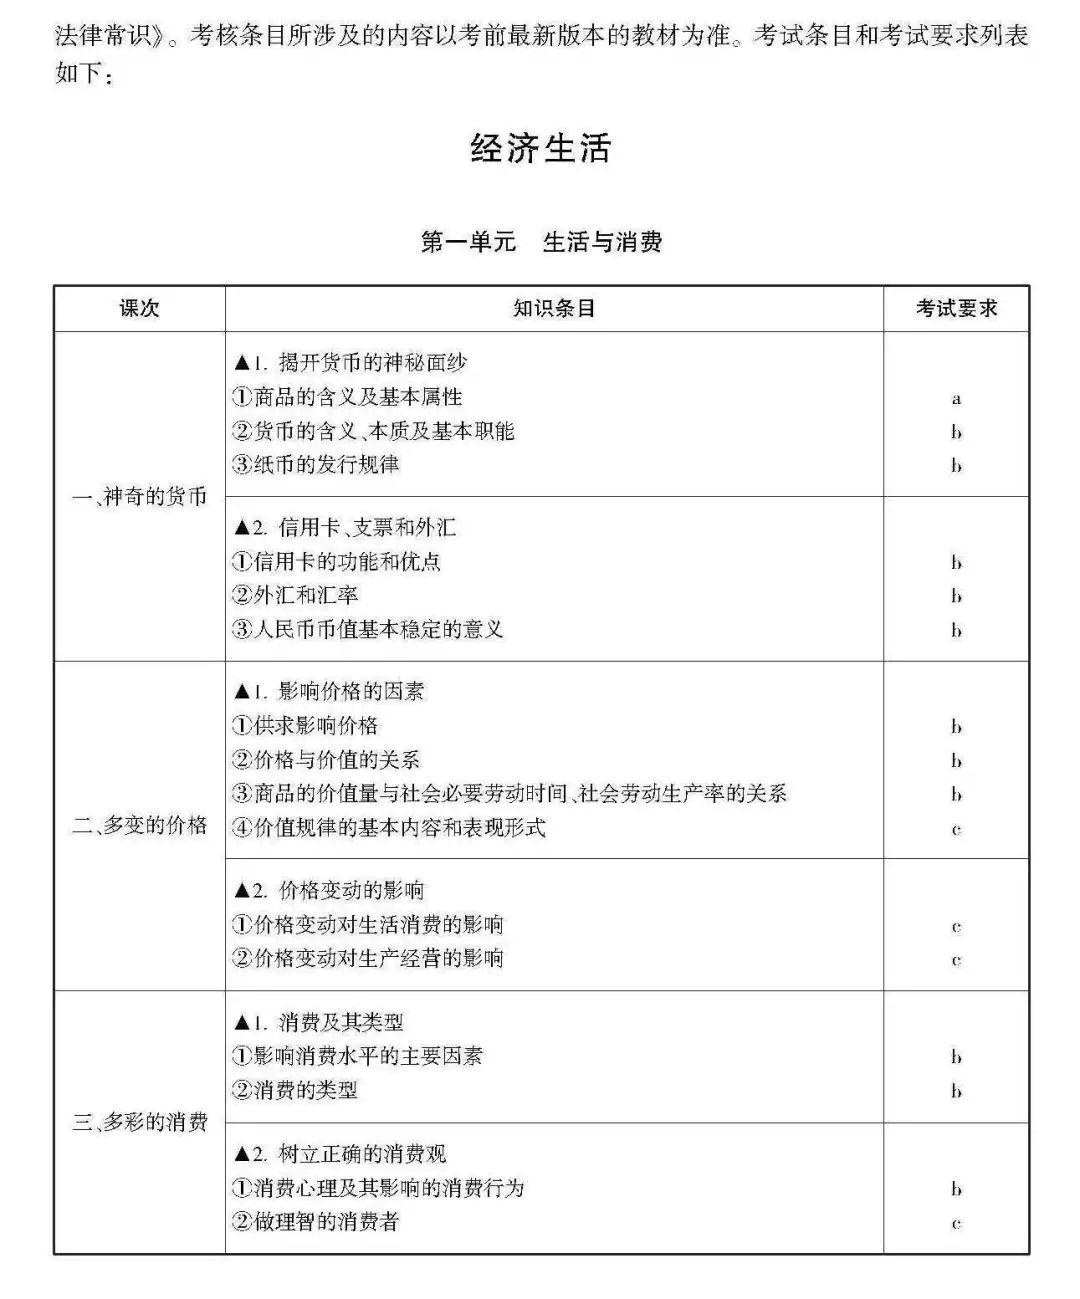 浙江省普通高考选考科目考试说明